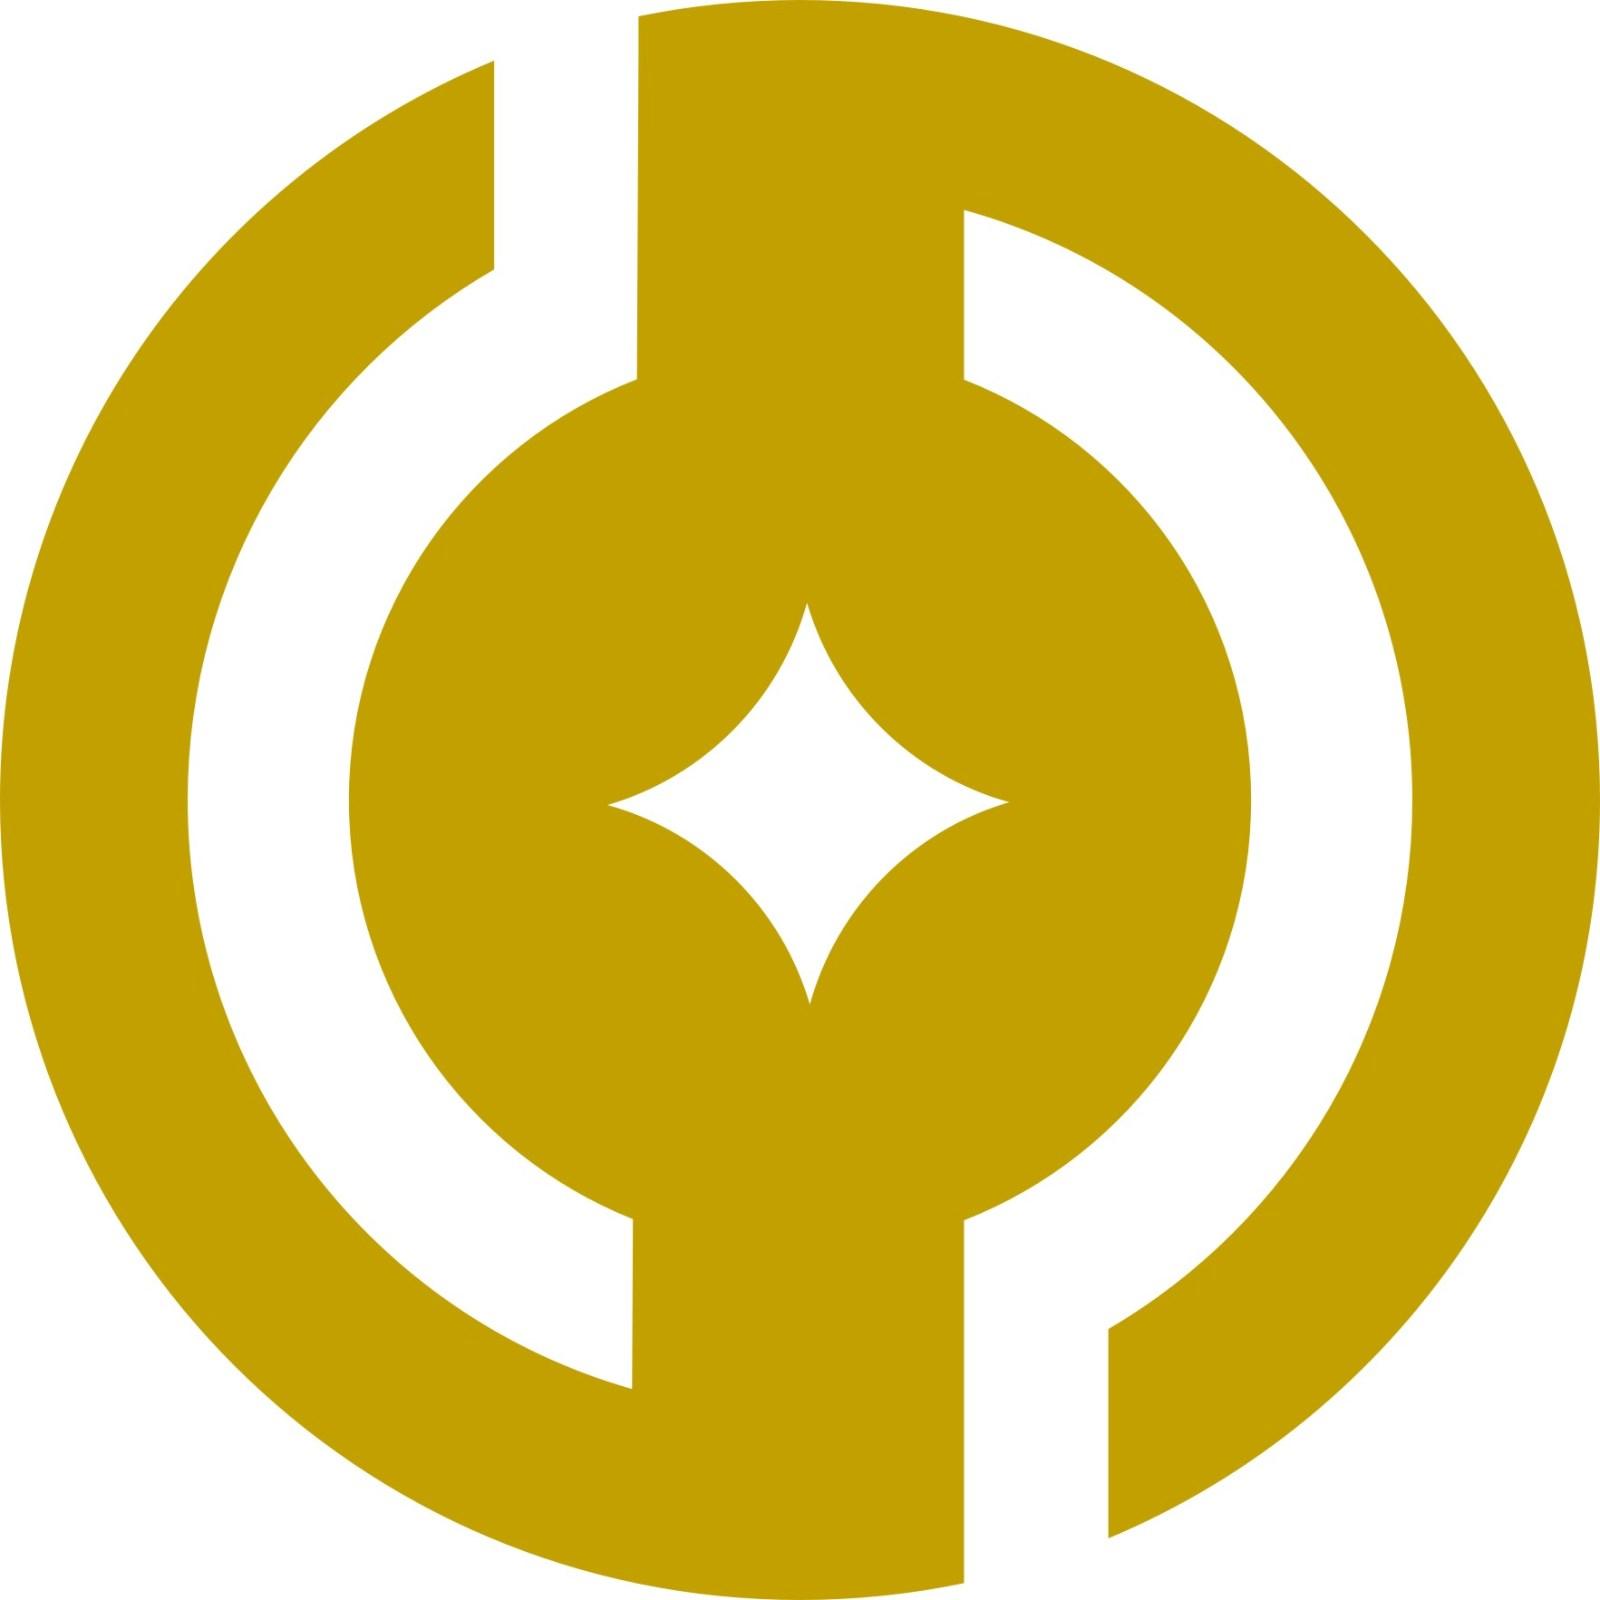 恶搞qq标志矢量图